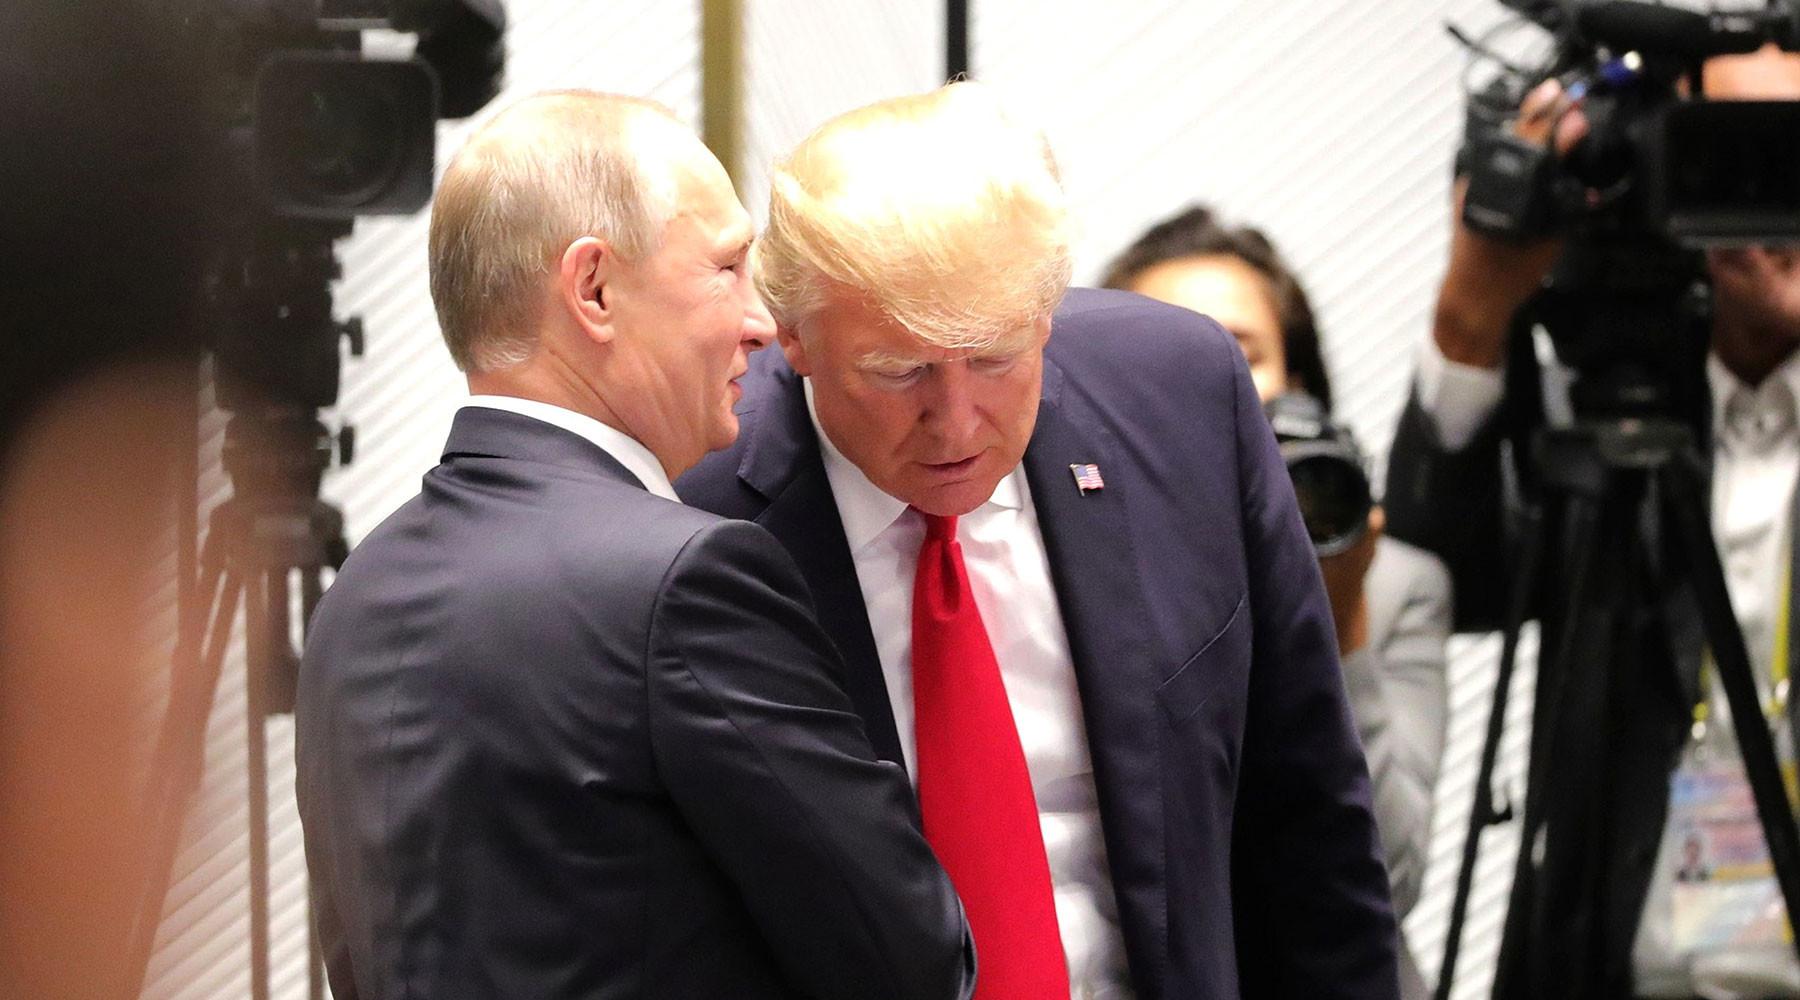 «Американцы не проявили гибкости»: в Кремле объяснили срыв встречи Путина и Трампа